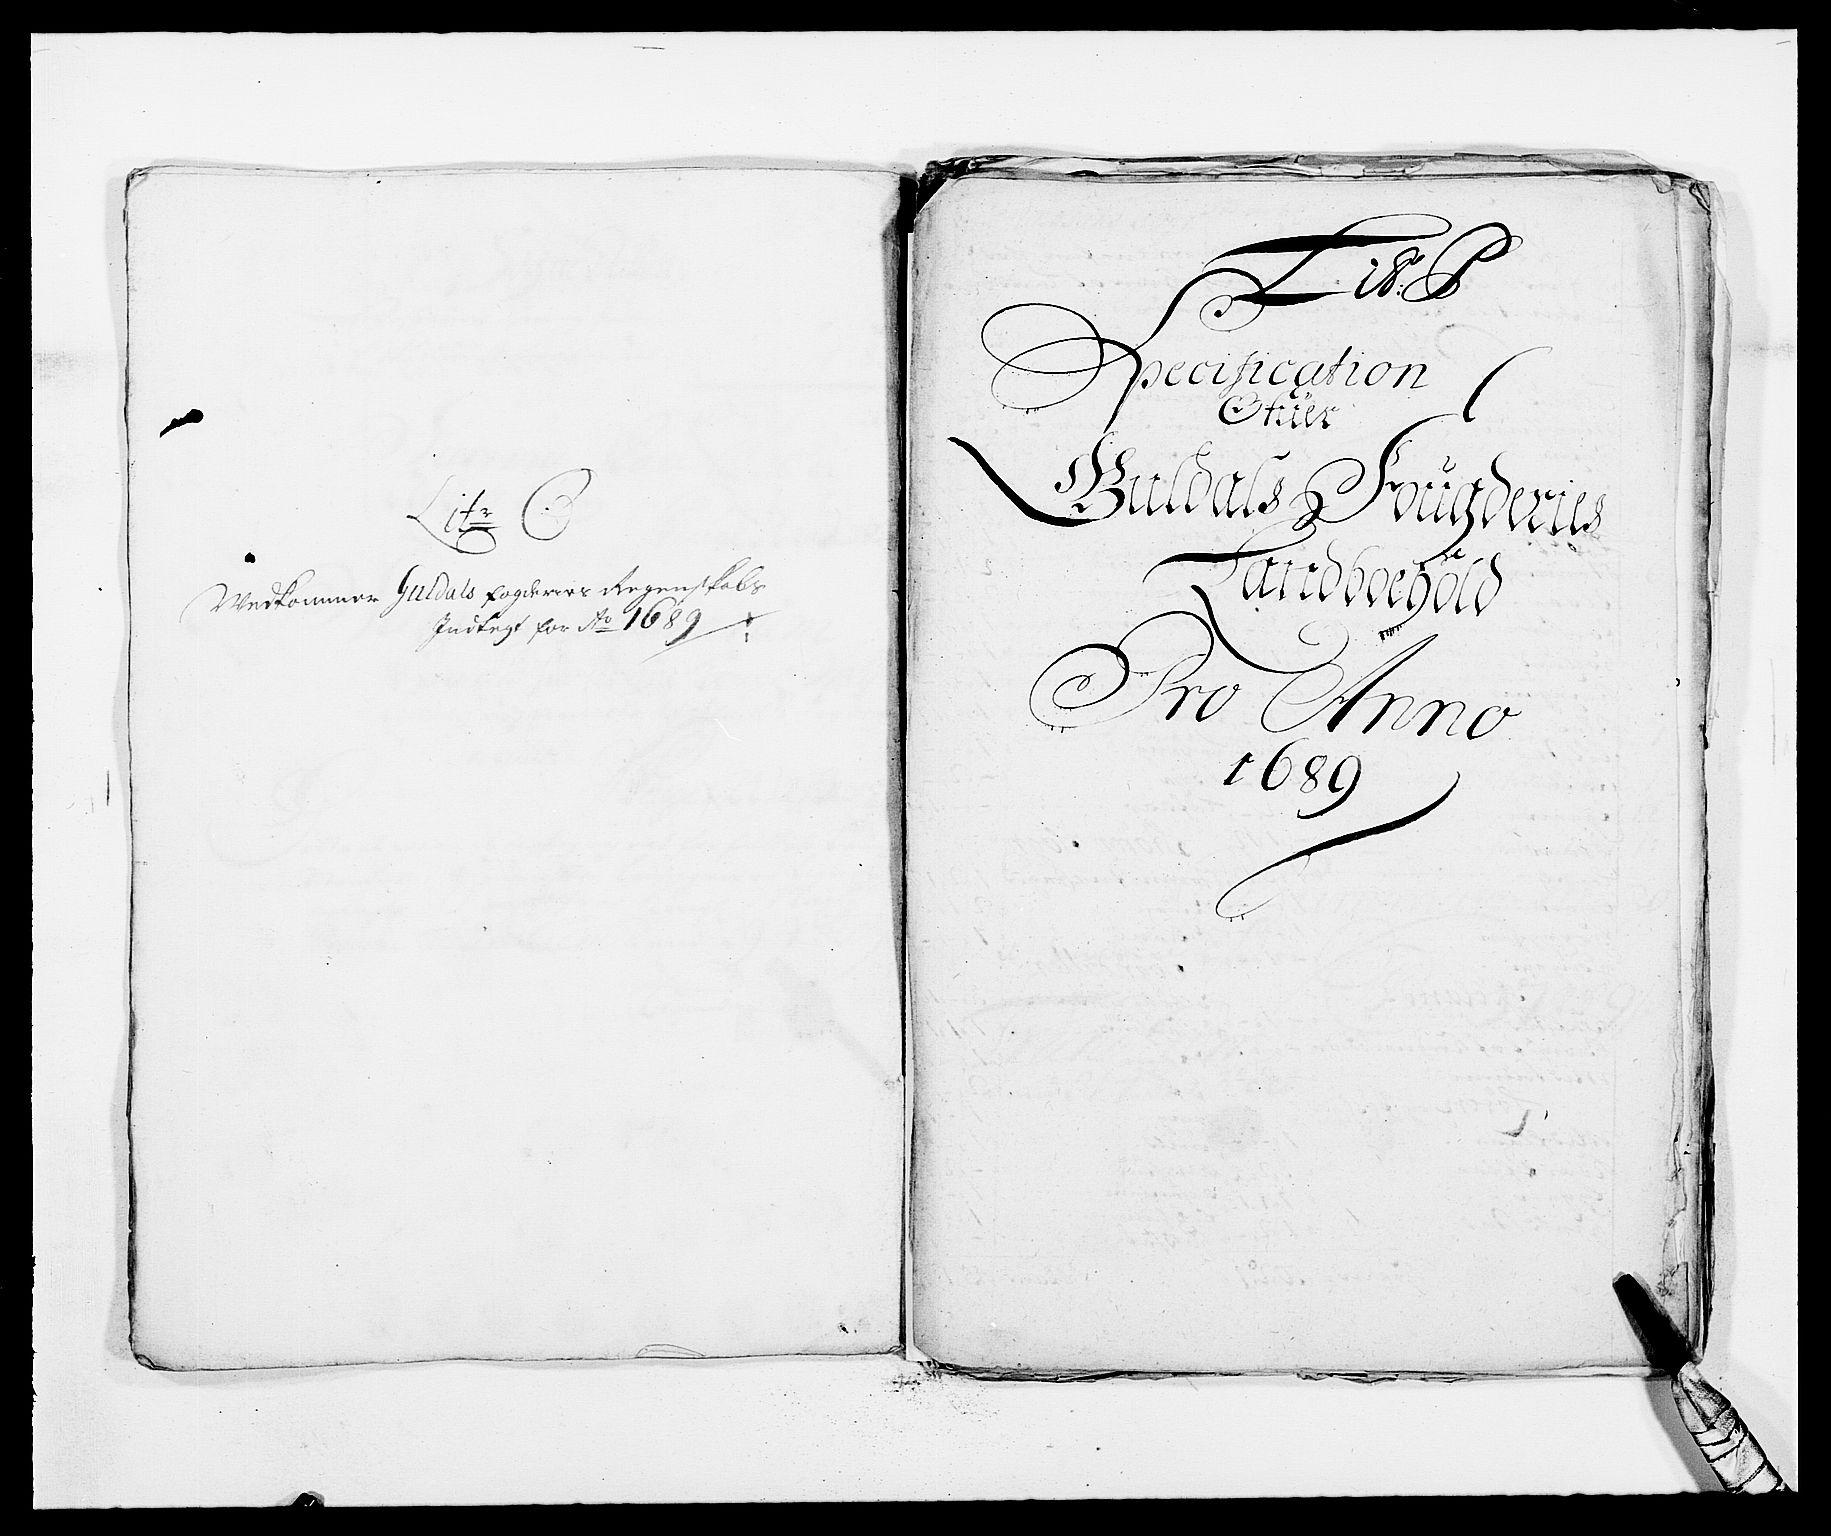 RA, Rentekammeret inntil 1814, Reviderte regnskaper, Fogderegnskap, R59/L3940: Fogderegnskap Gauldal, 1689-1690, s. 146